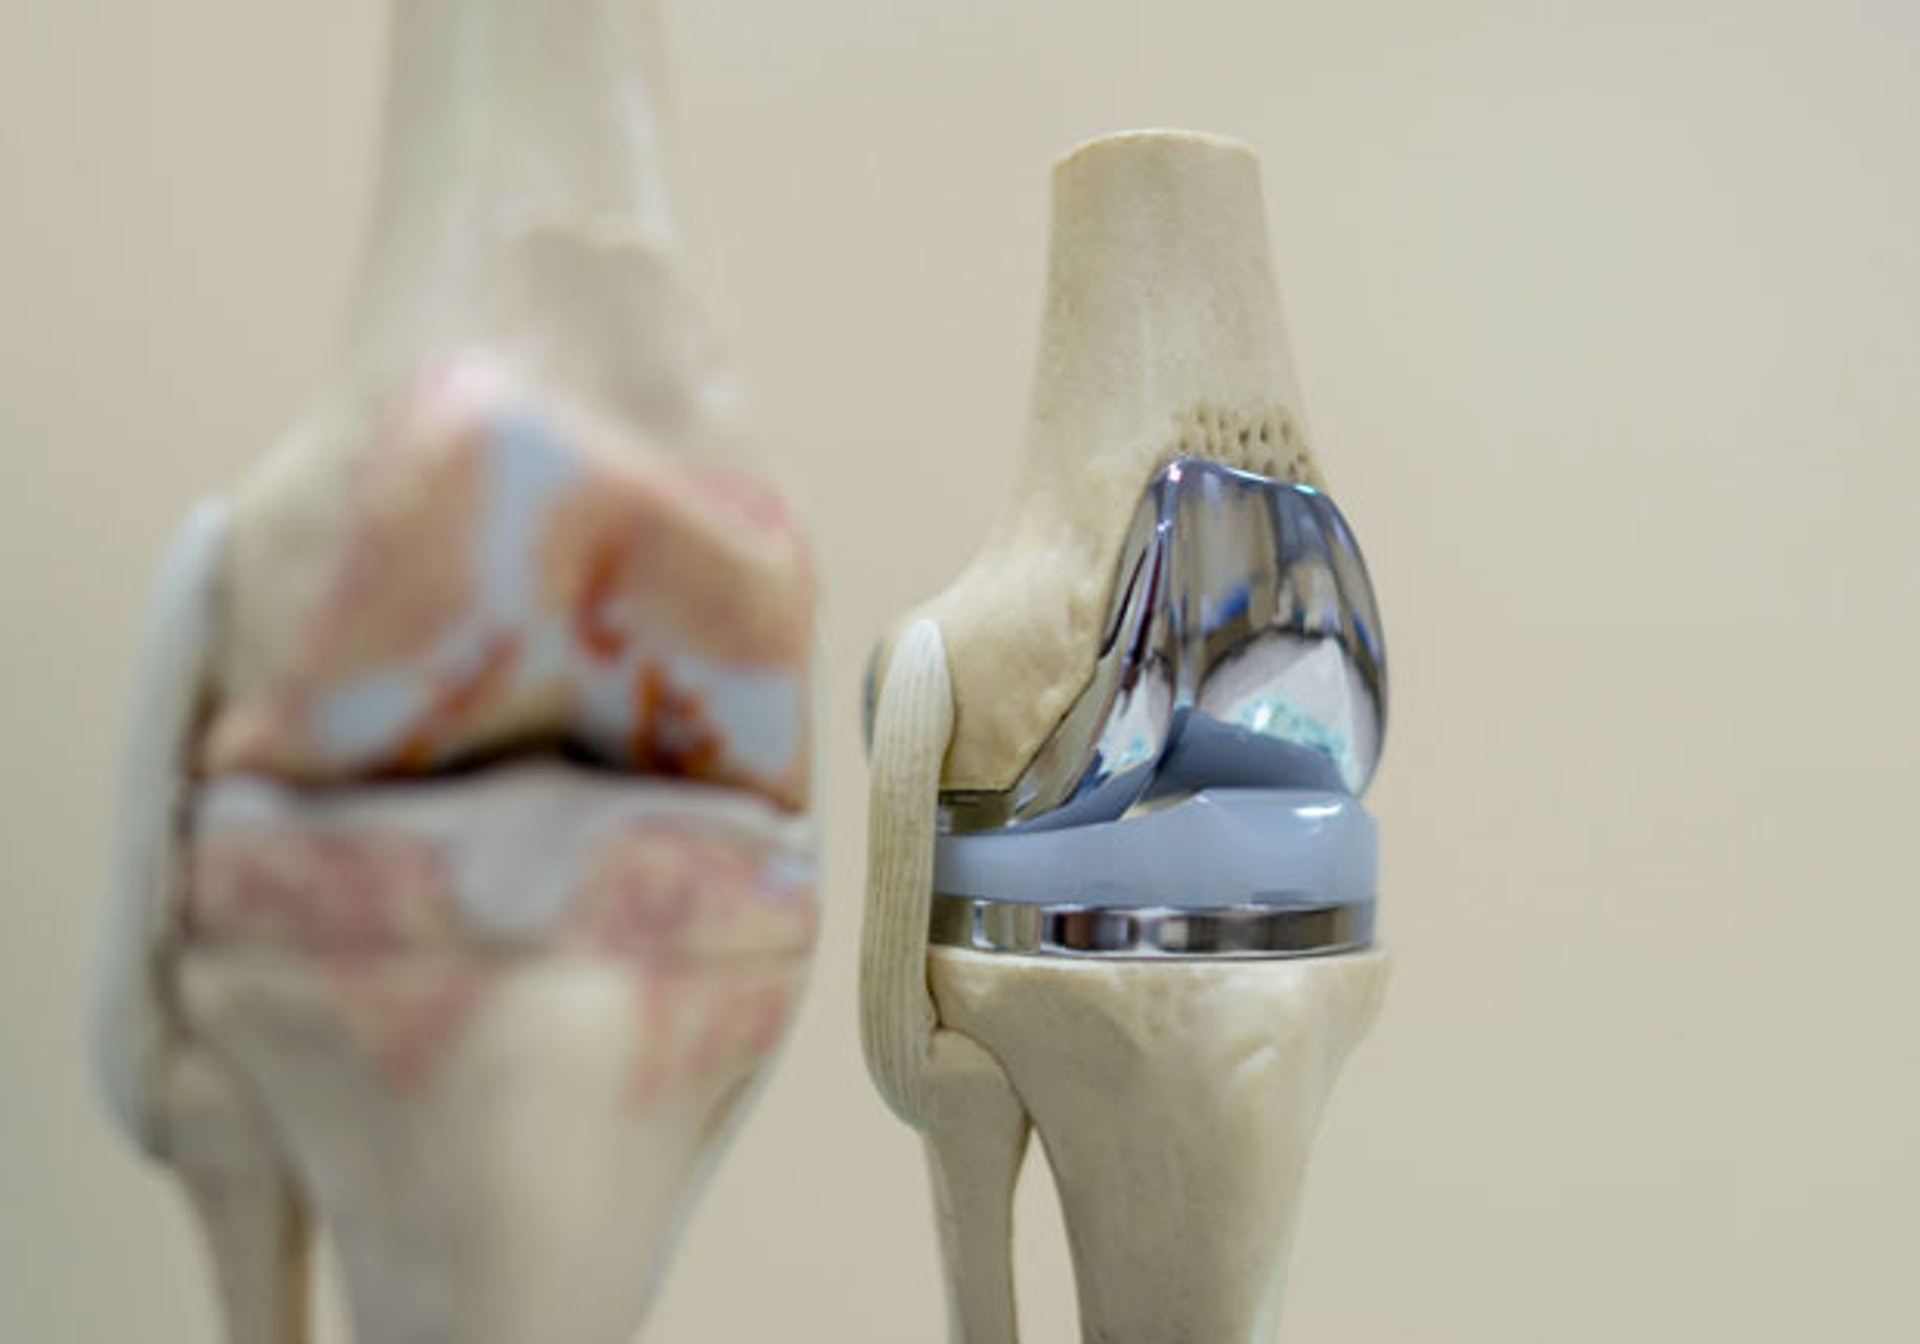 關節置換術以人工關節取代受損、磨蝕或已病變的關節,成效顯著,但術後需要較長時間康復、護理及適應新關節。(圖片:health.gvm)